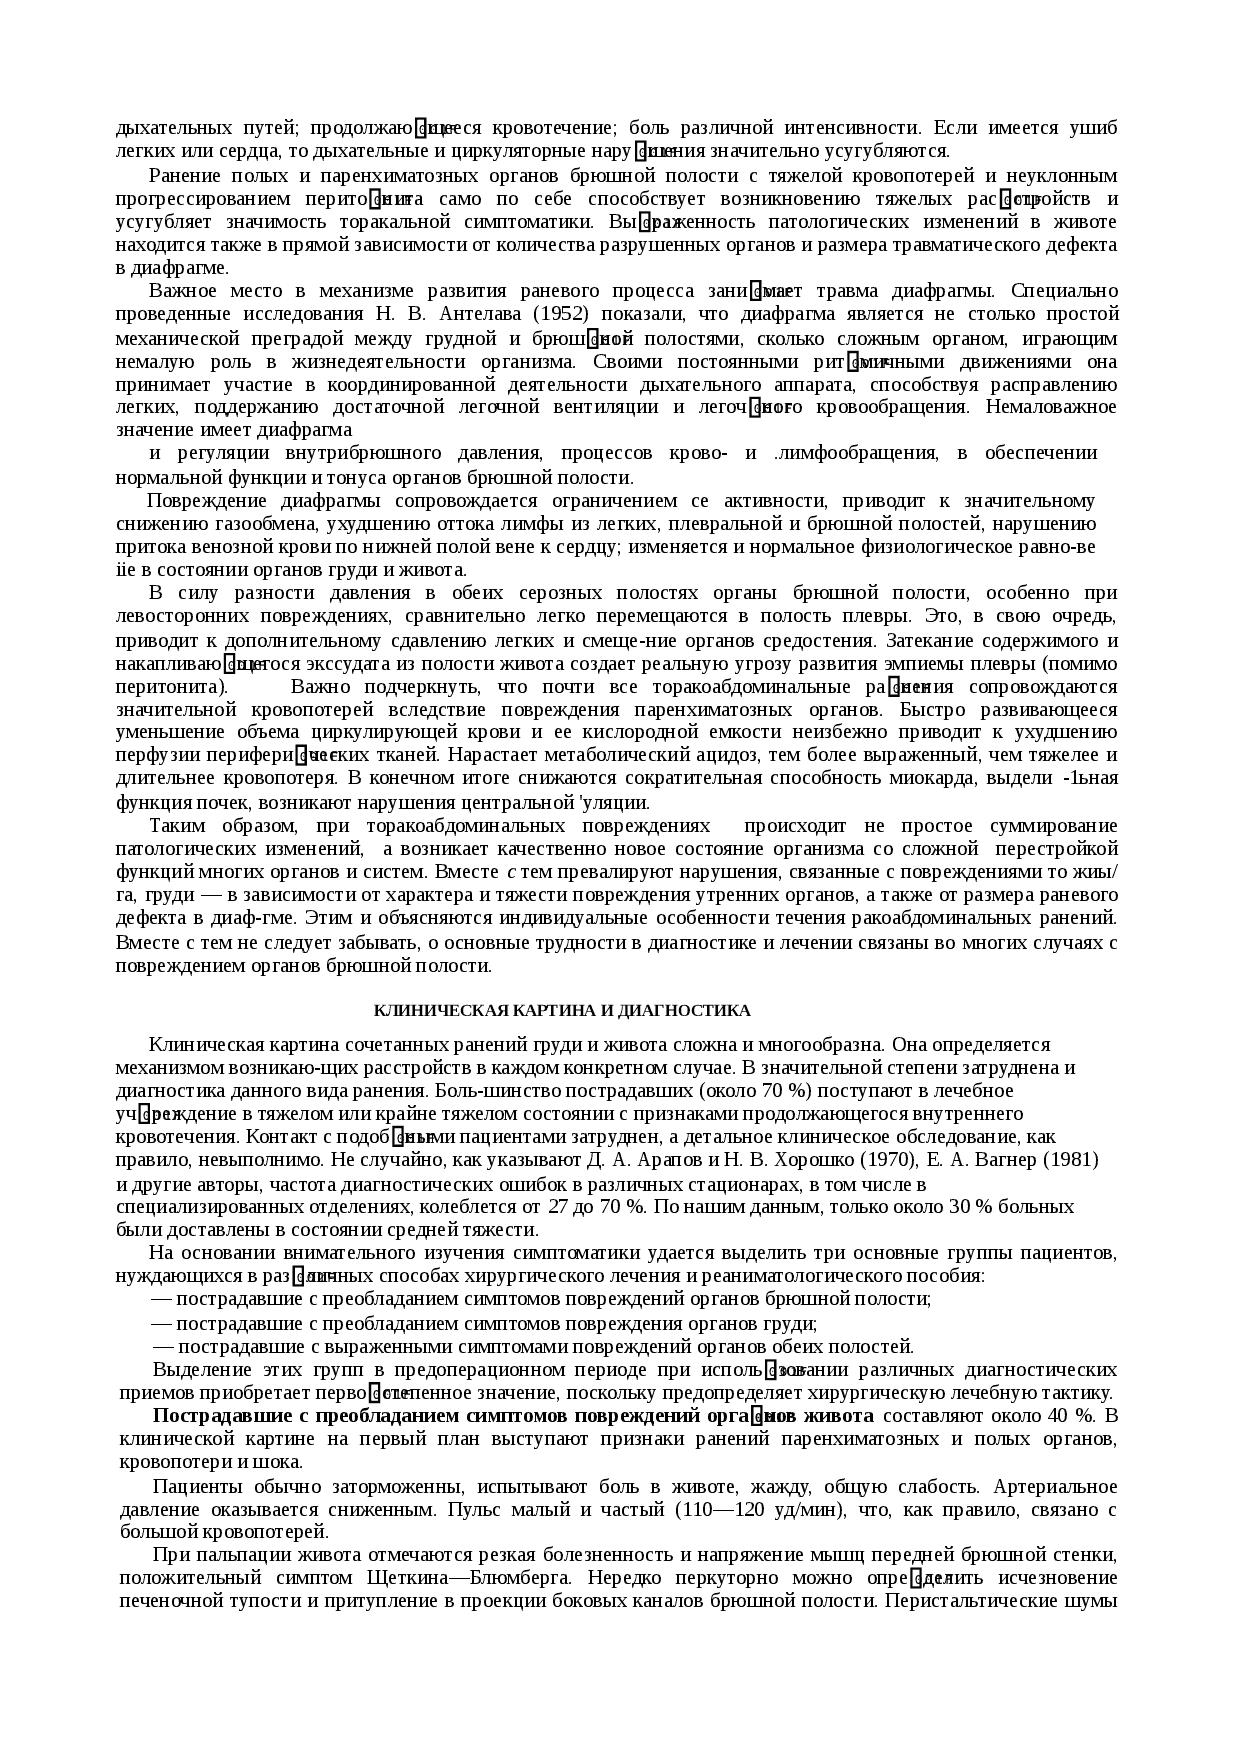 Лапароцентез (пункция брюшной полости): показания, проведение